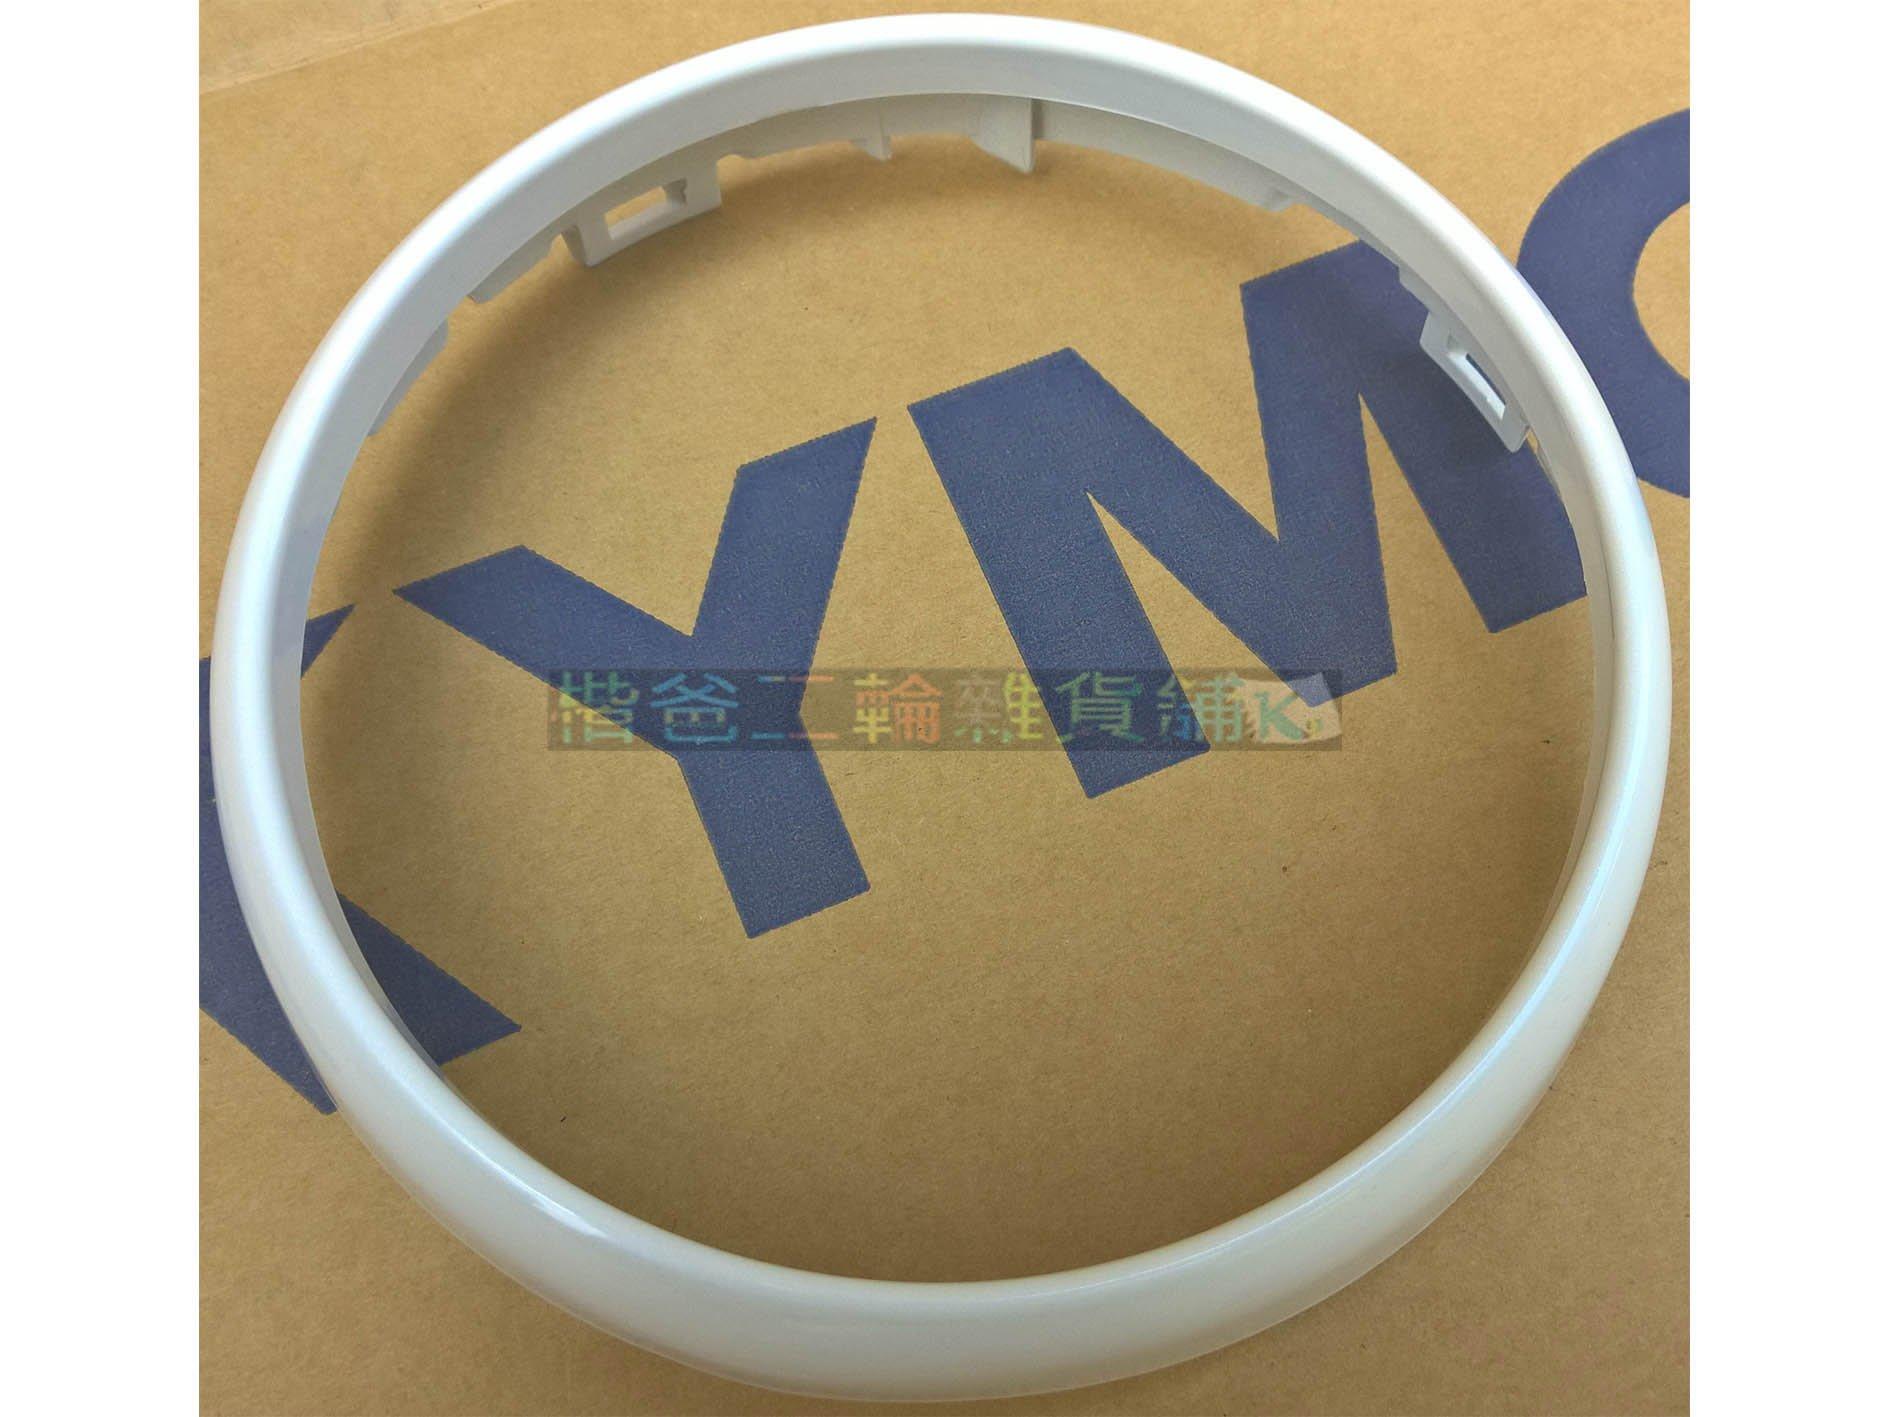 光陽 公司品【大燈 燈框 MANY 110 LEA2 】象牙白 HXP 車殼、前大燈圓形燈框、大燈護圈、燈匡